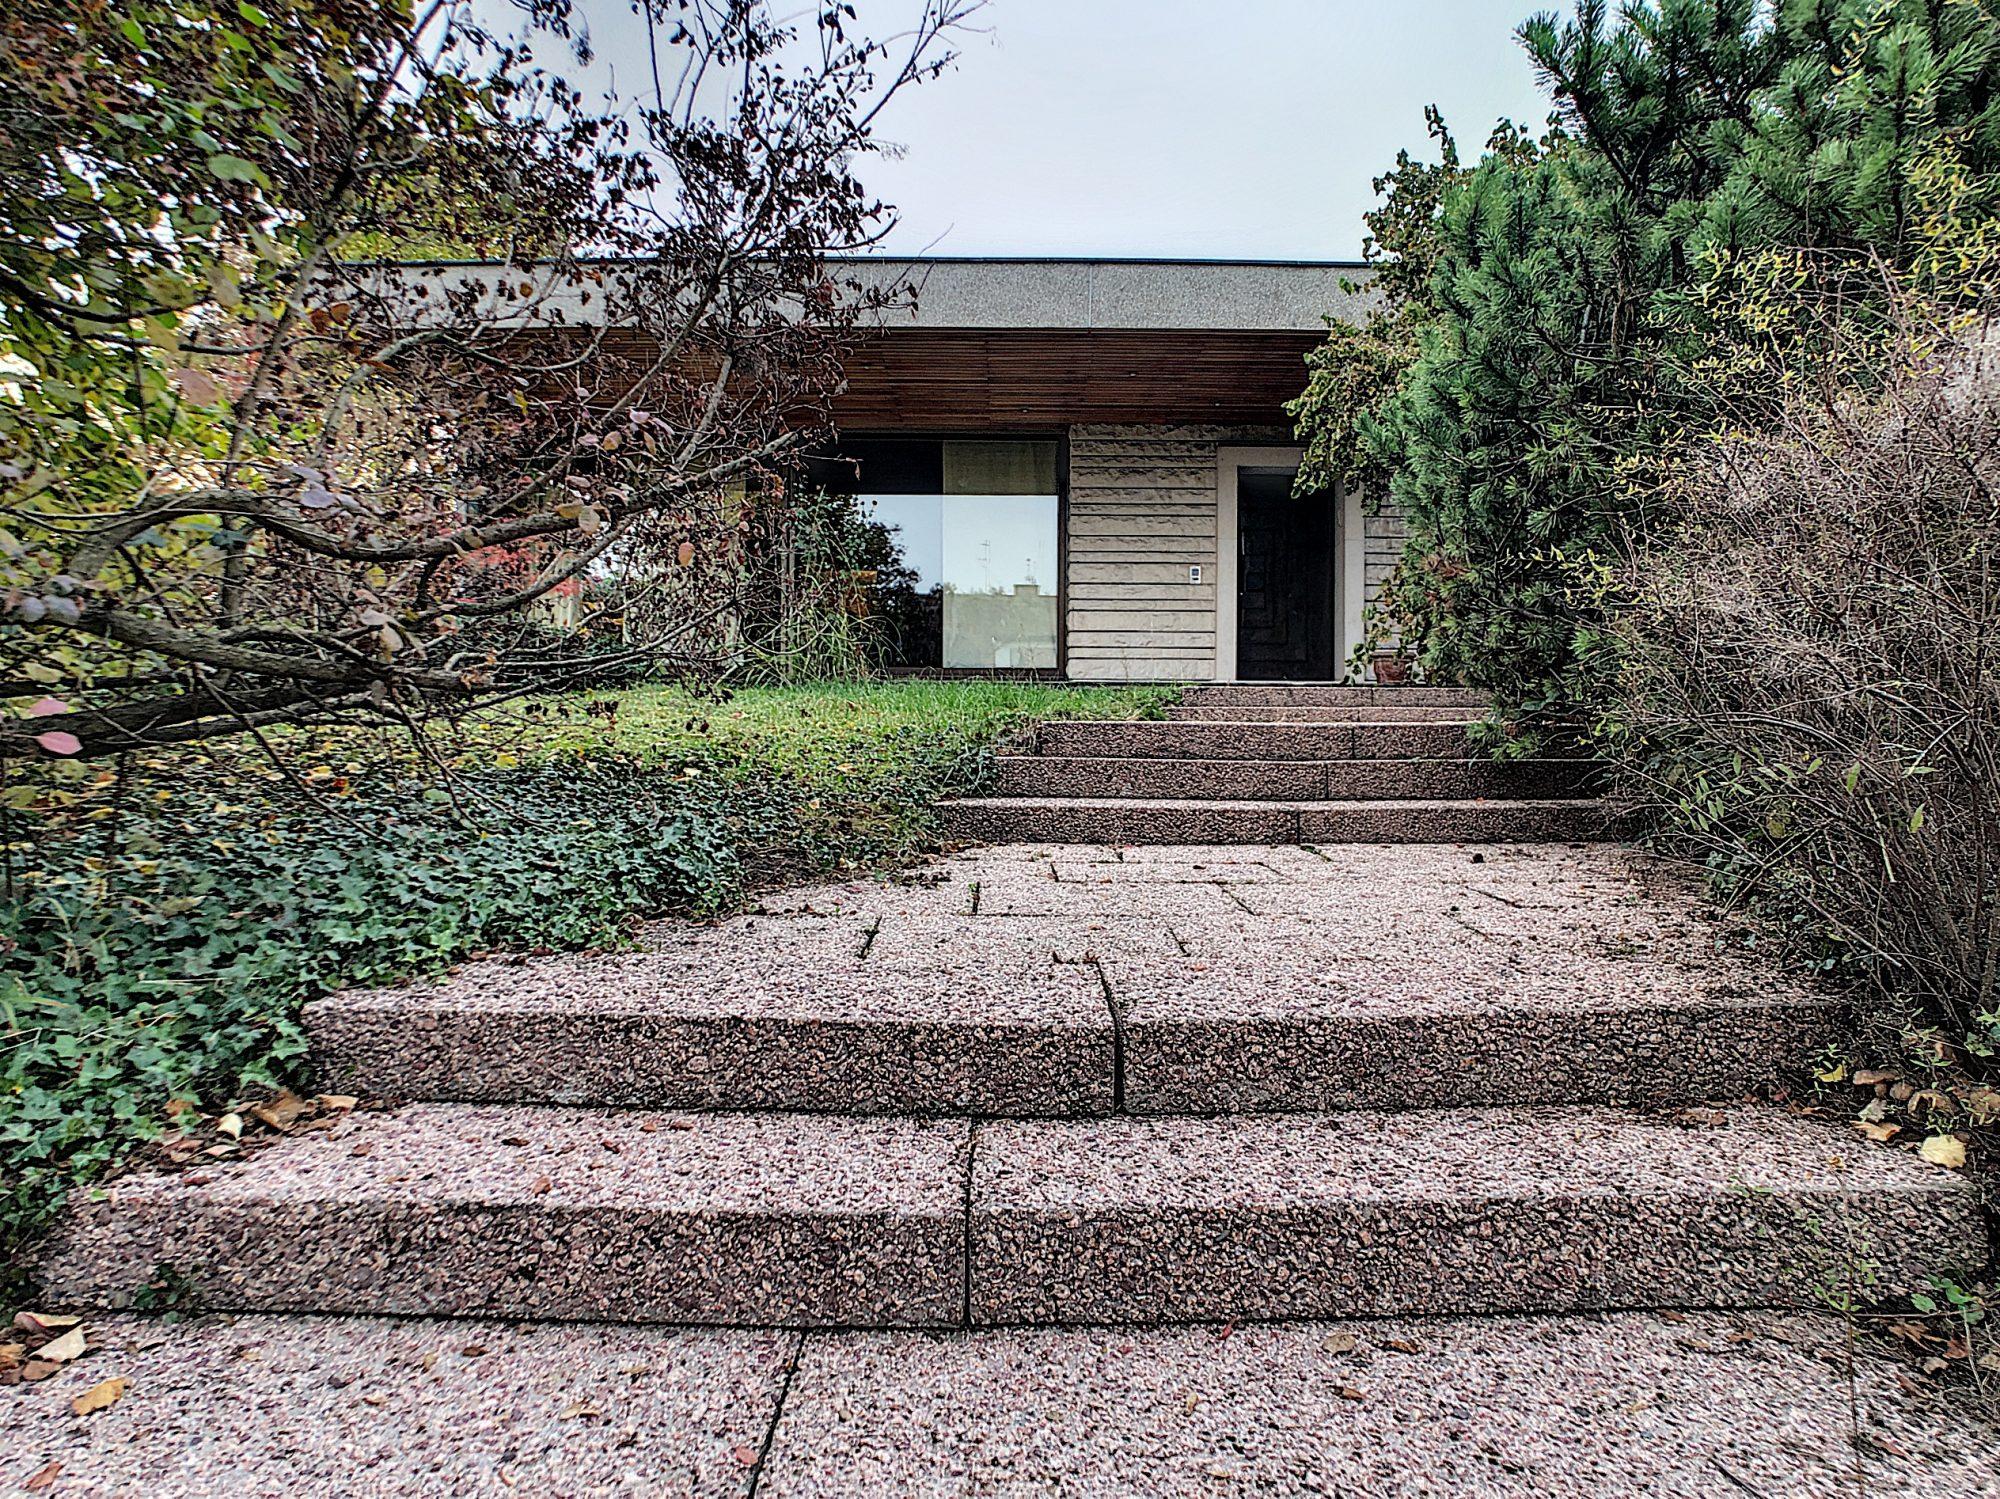 ROBERTSAU Maison Contemporaine années 70 de 410m²